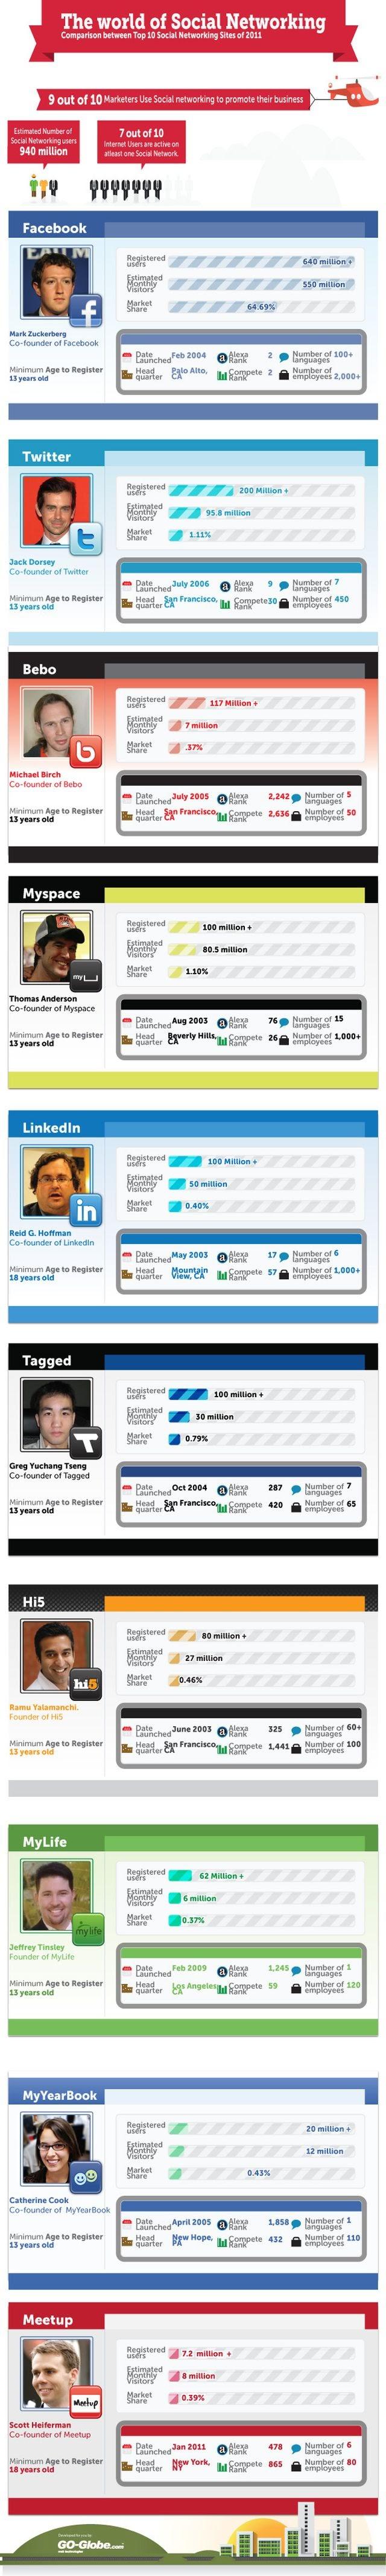 Les réseaux sociaux en chiffres (Infographie)